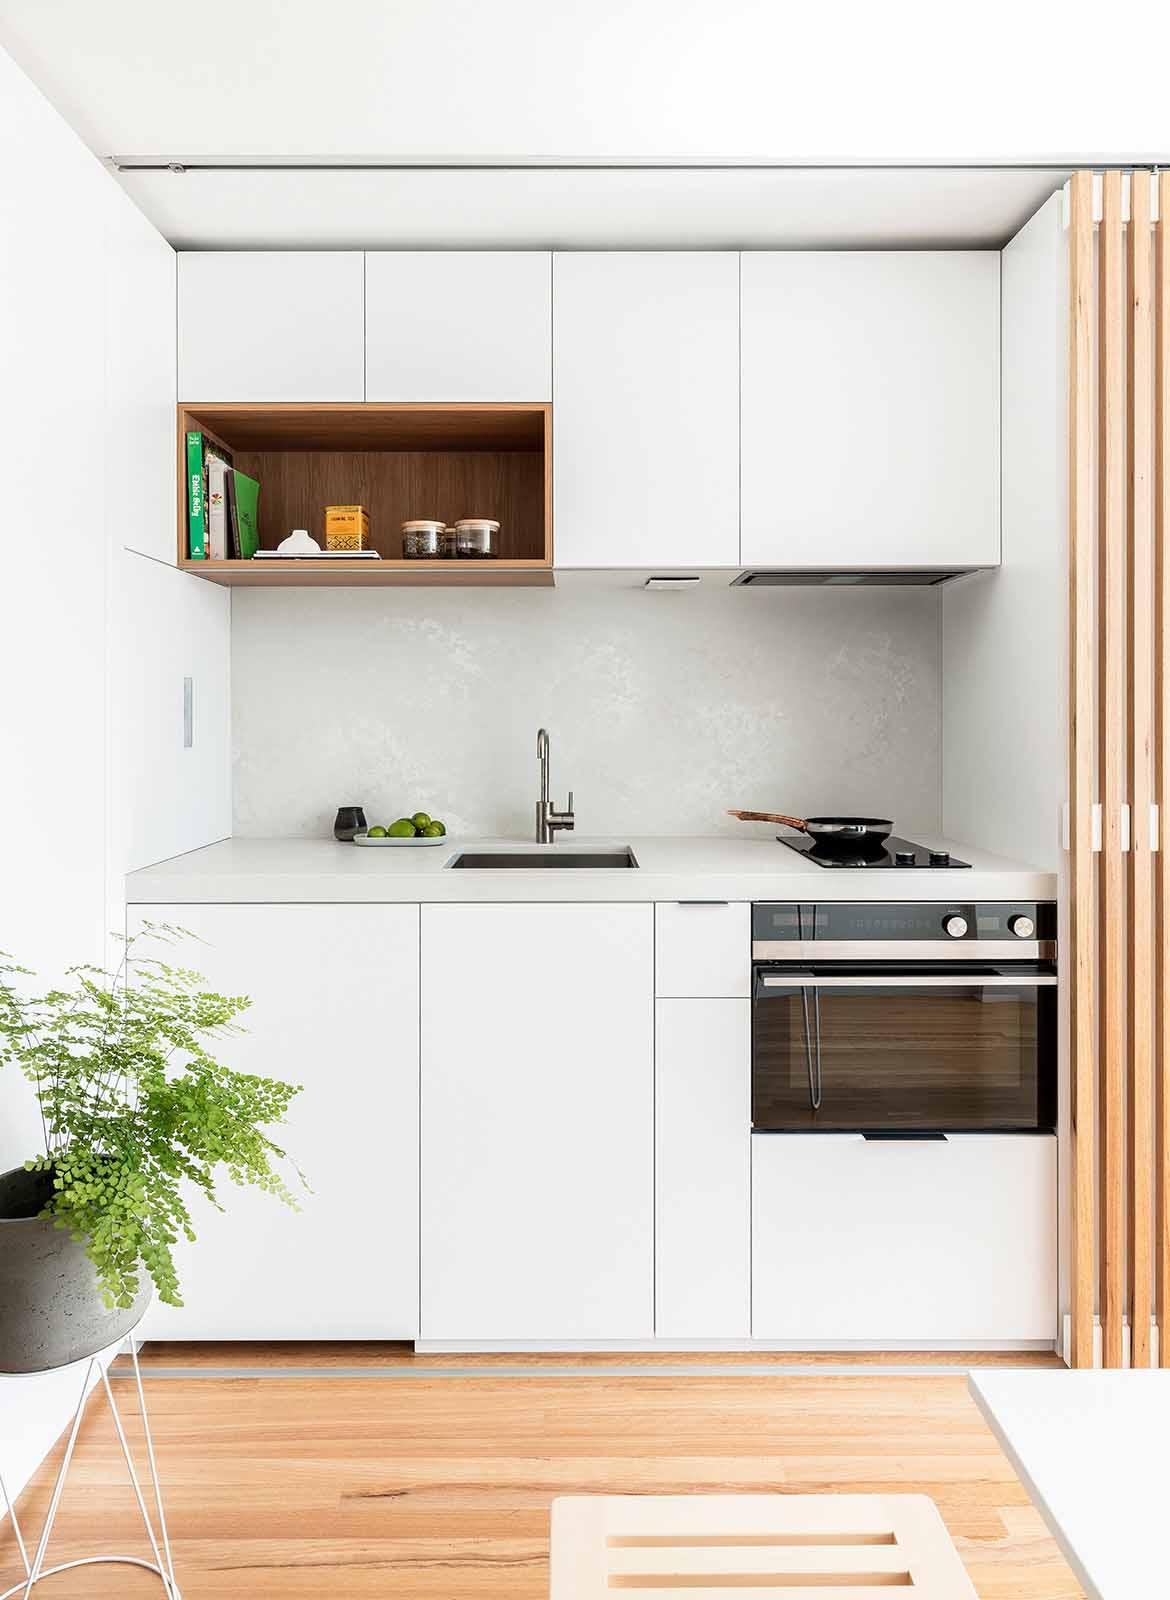 Small Kitchen Design Ideas The Home Studio Interior Designers